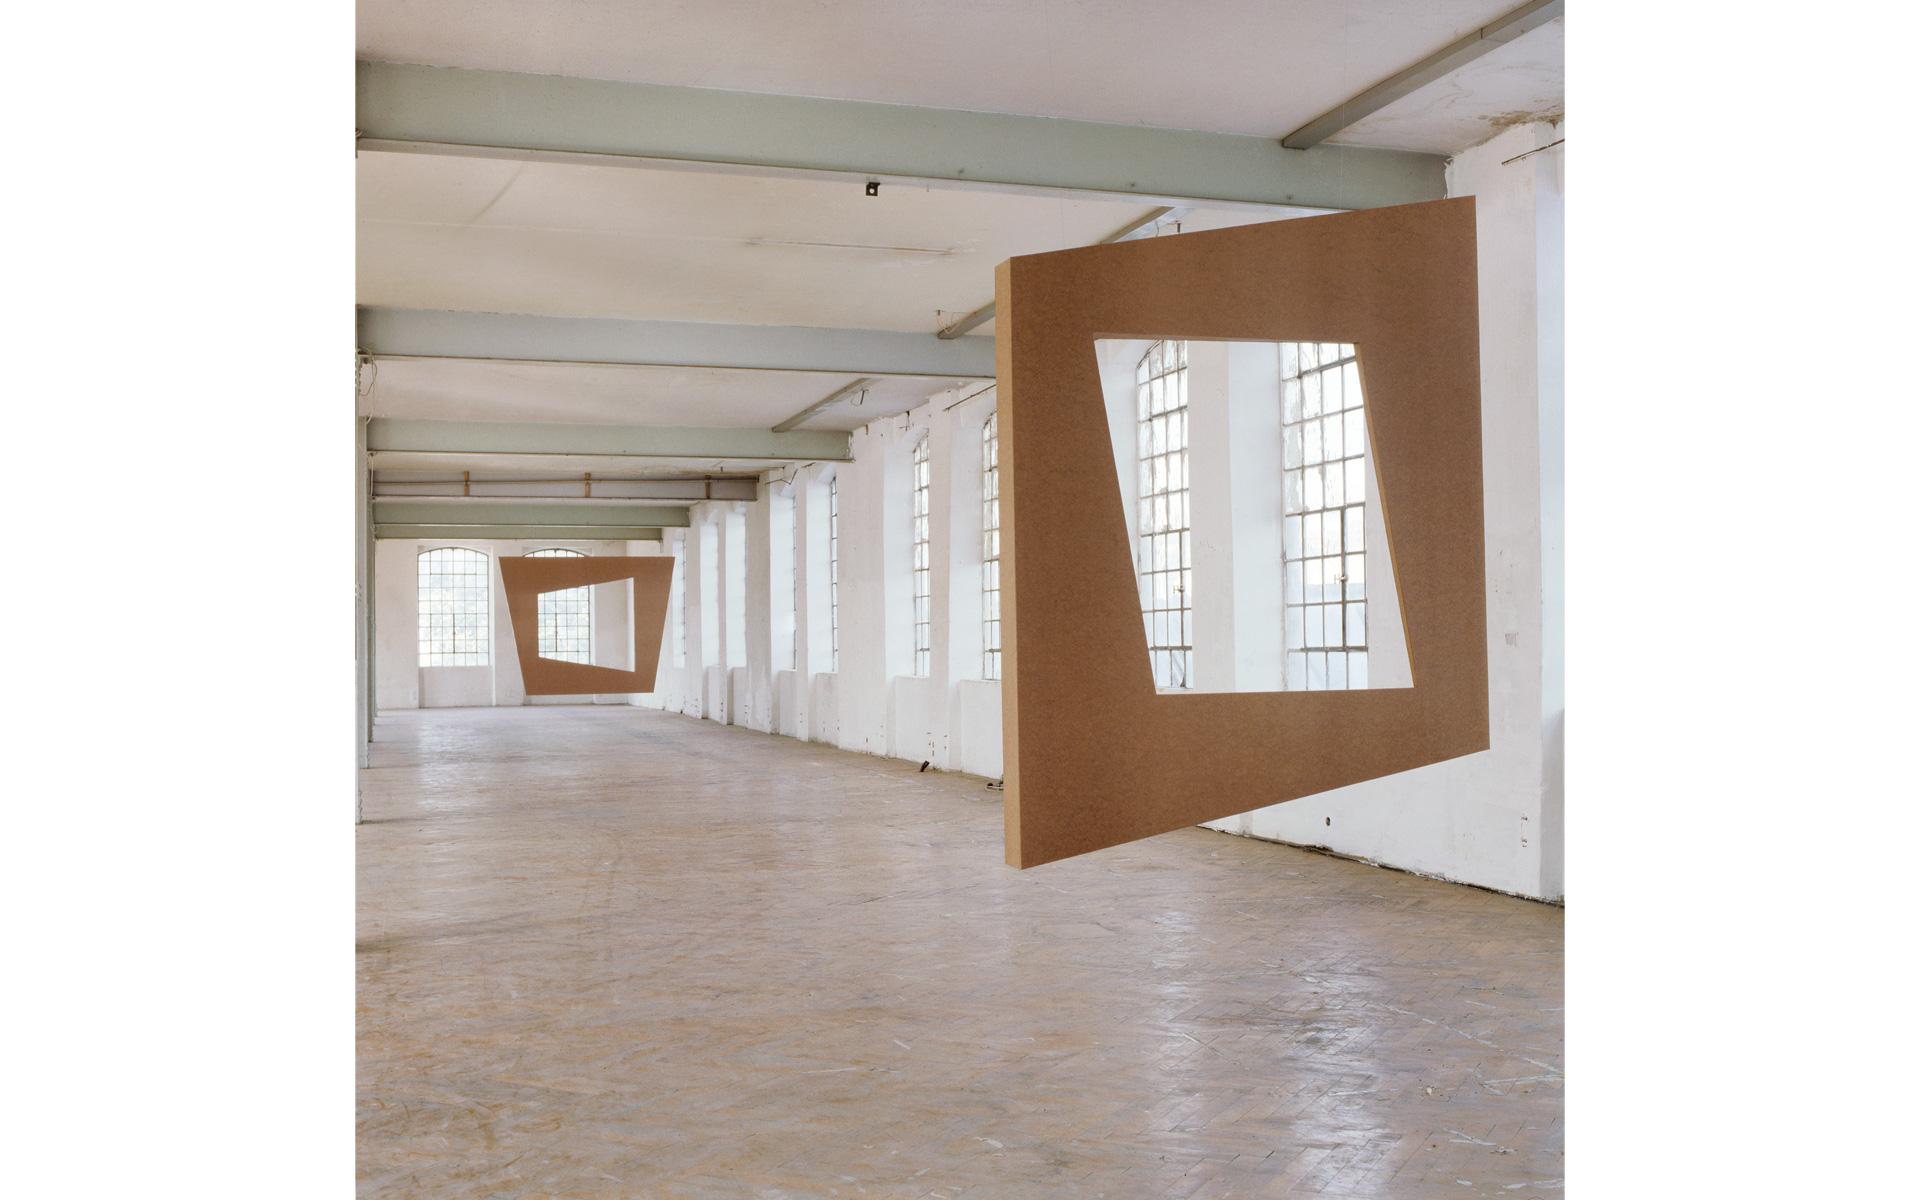 Installation view Kunstraum Göppingen, 1990 - Photo: Christoph Valentien